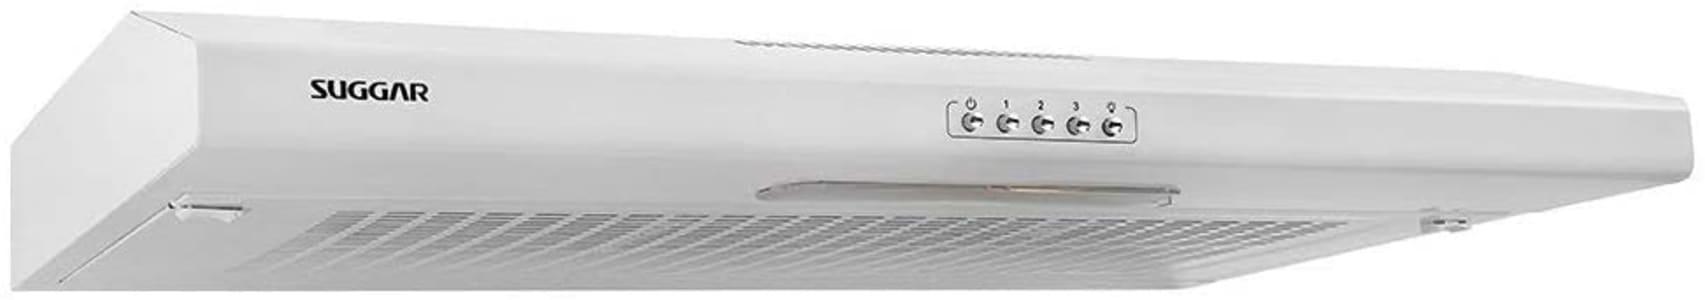 Depurador de ar Slim branco com manta 80cm 110V Suggar - DI801BR